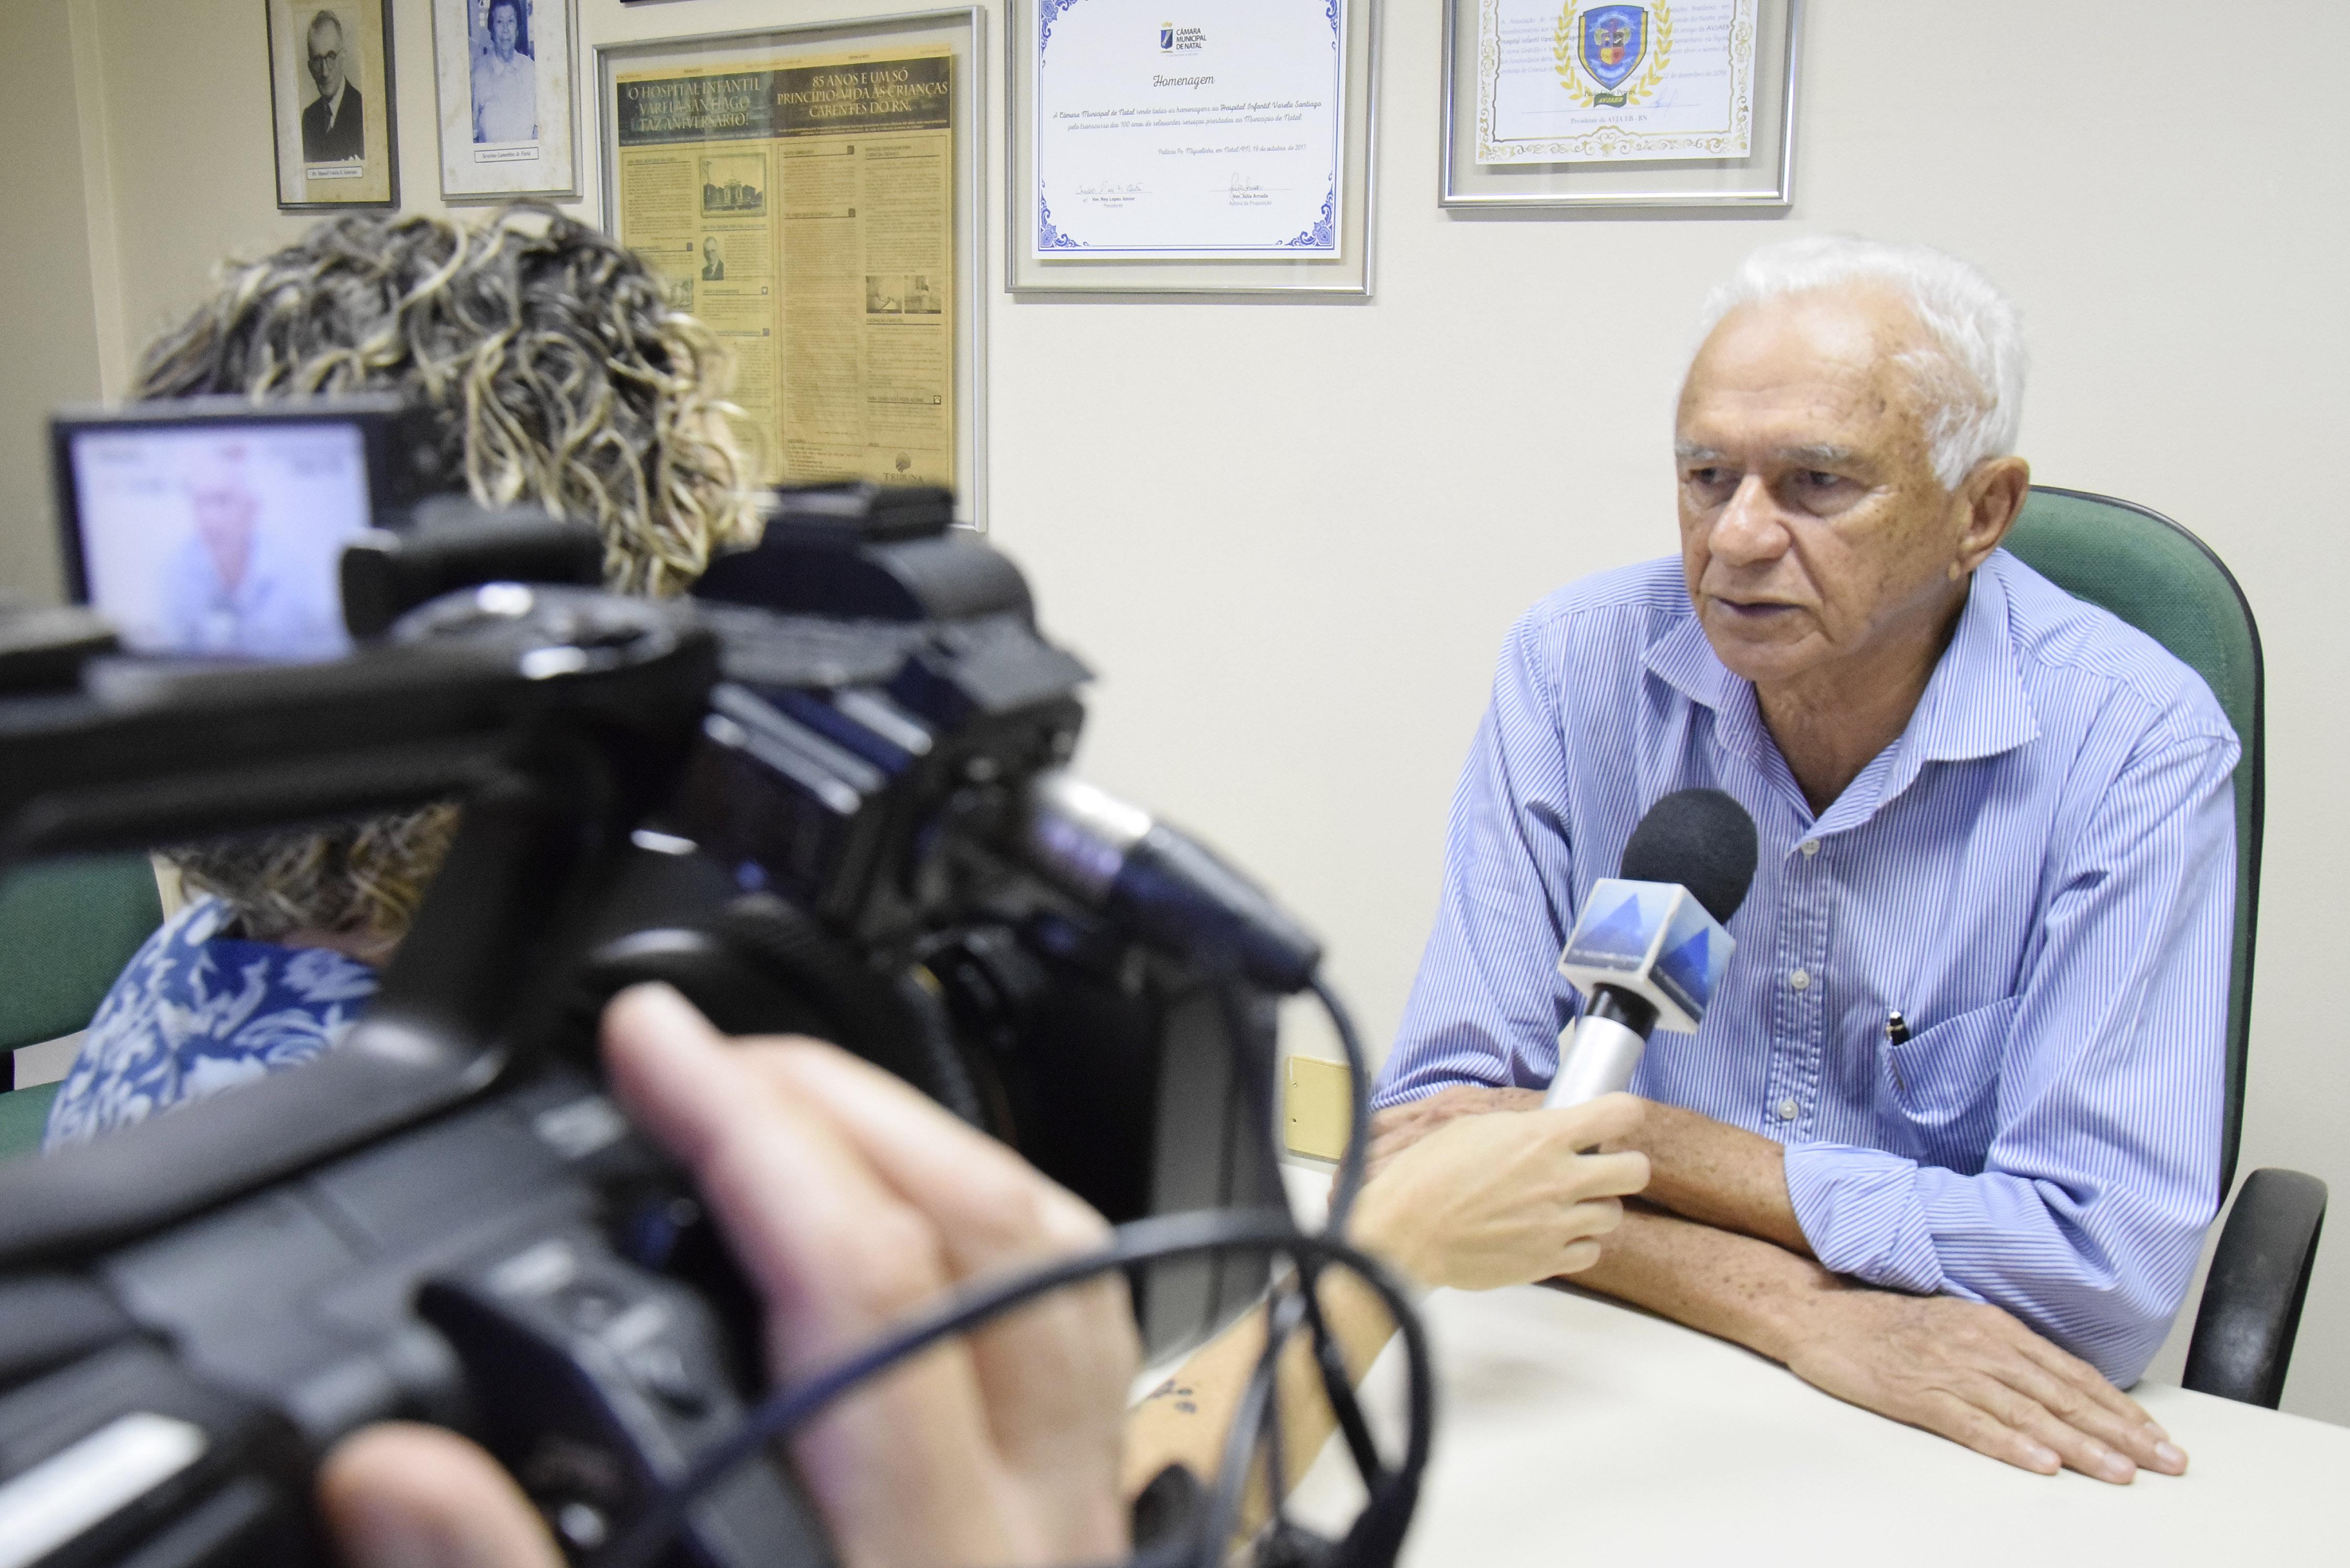 Diretor do Varela Santiago diz que espera falar com governadora desde janeiro